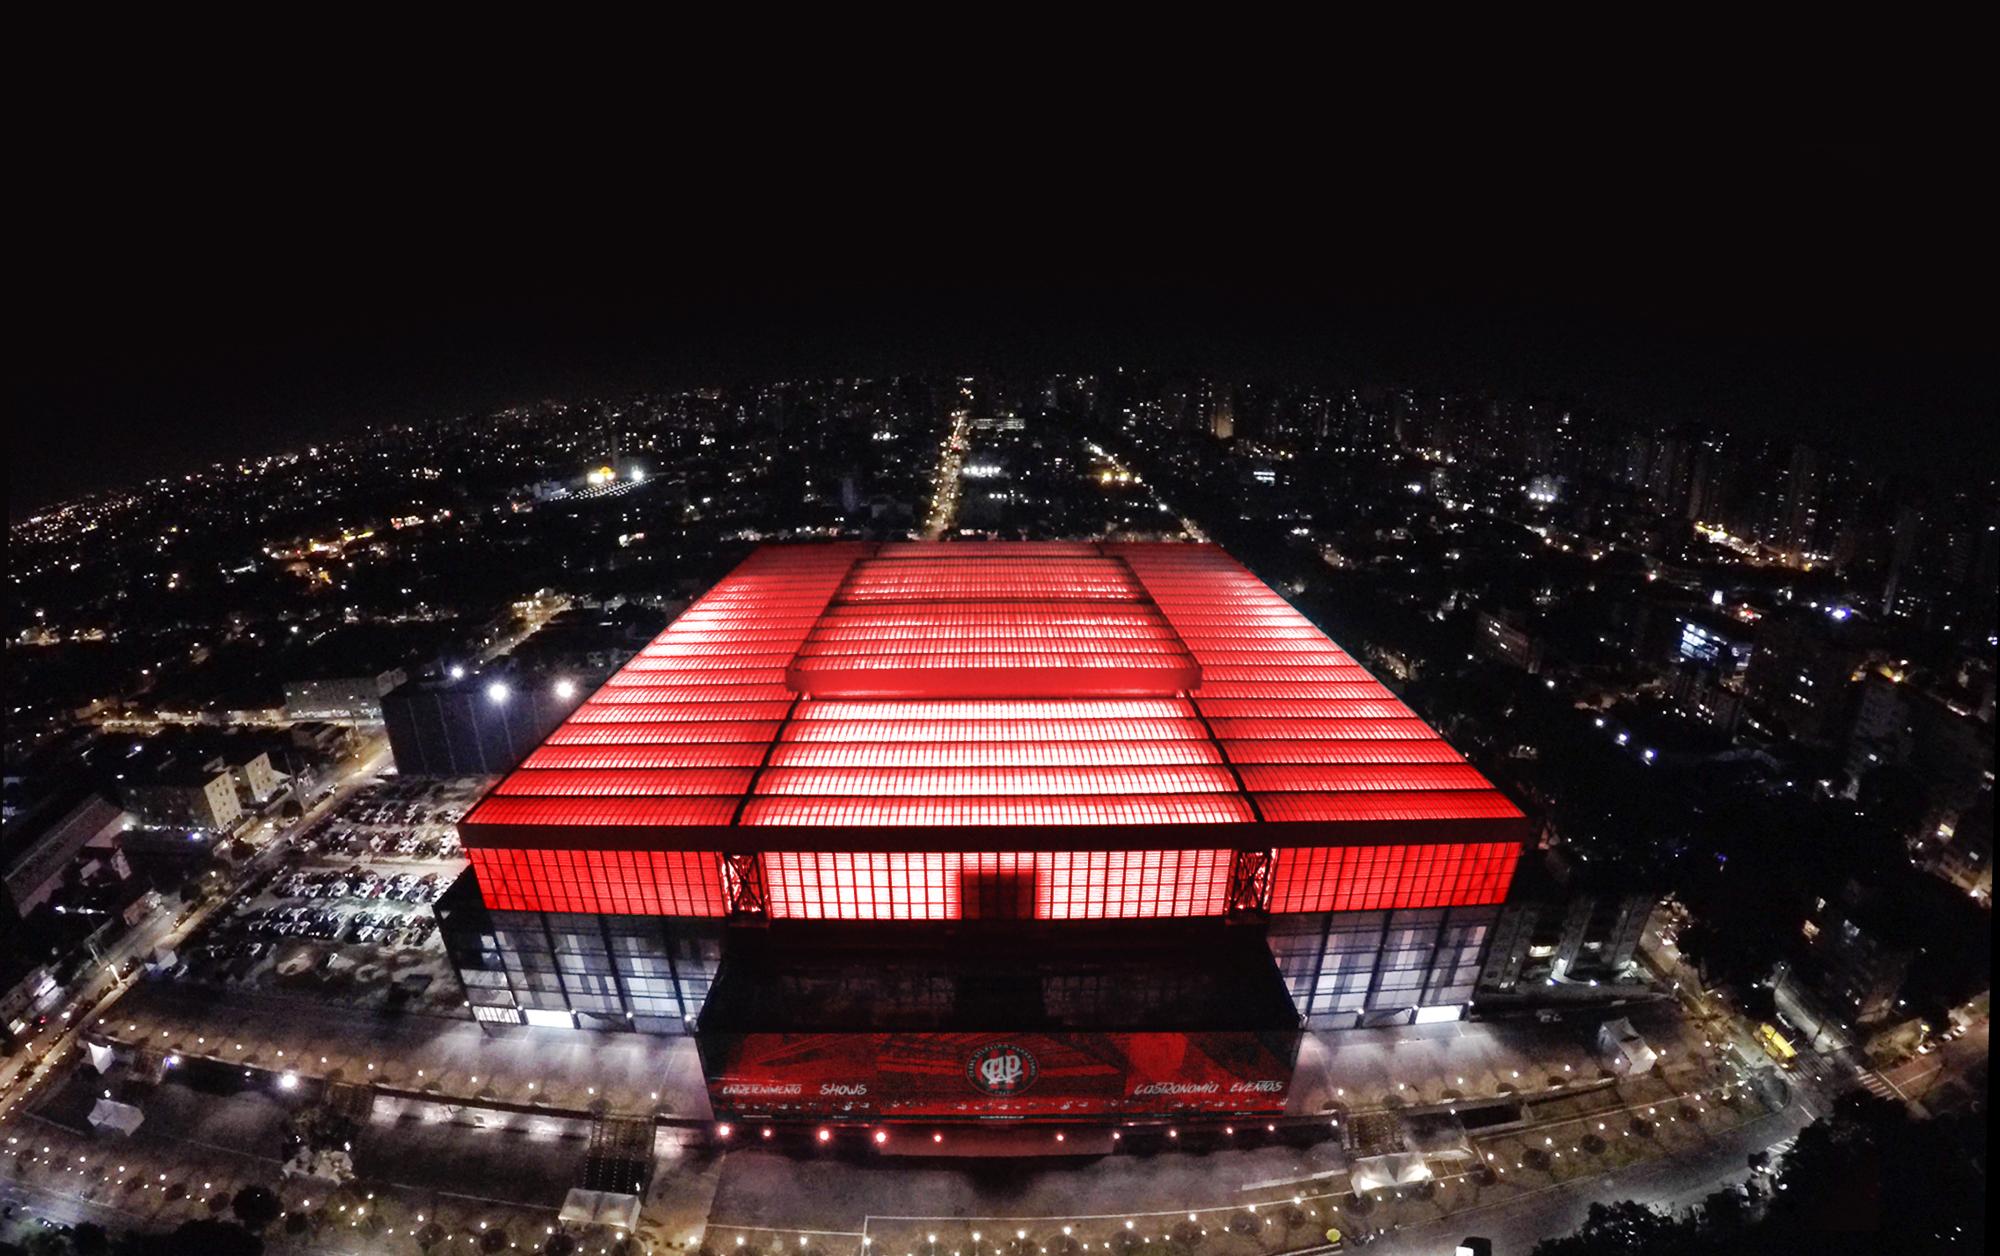 Vista área noturna da Arena com o teto todo iluminado de vermelho. Arena da Baixada Visitação